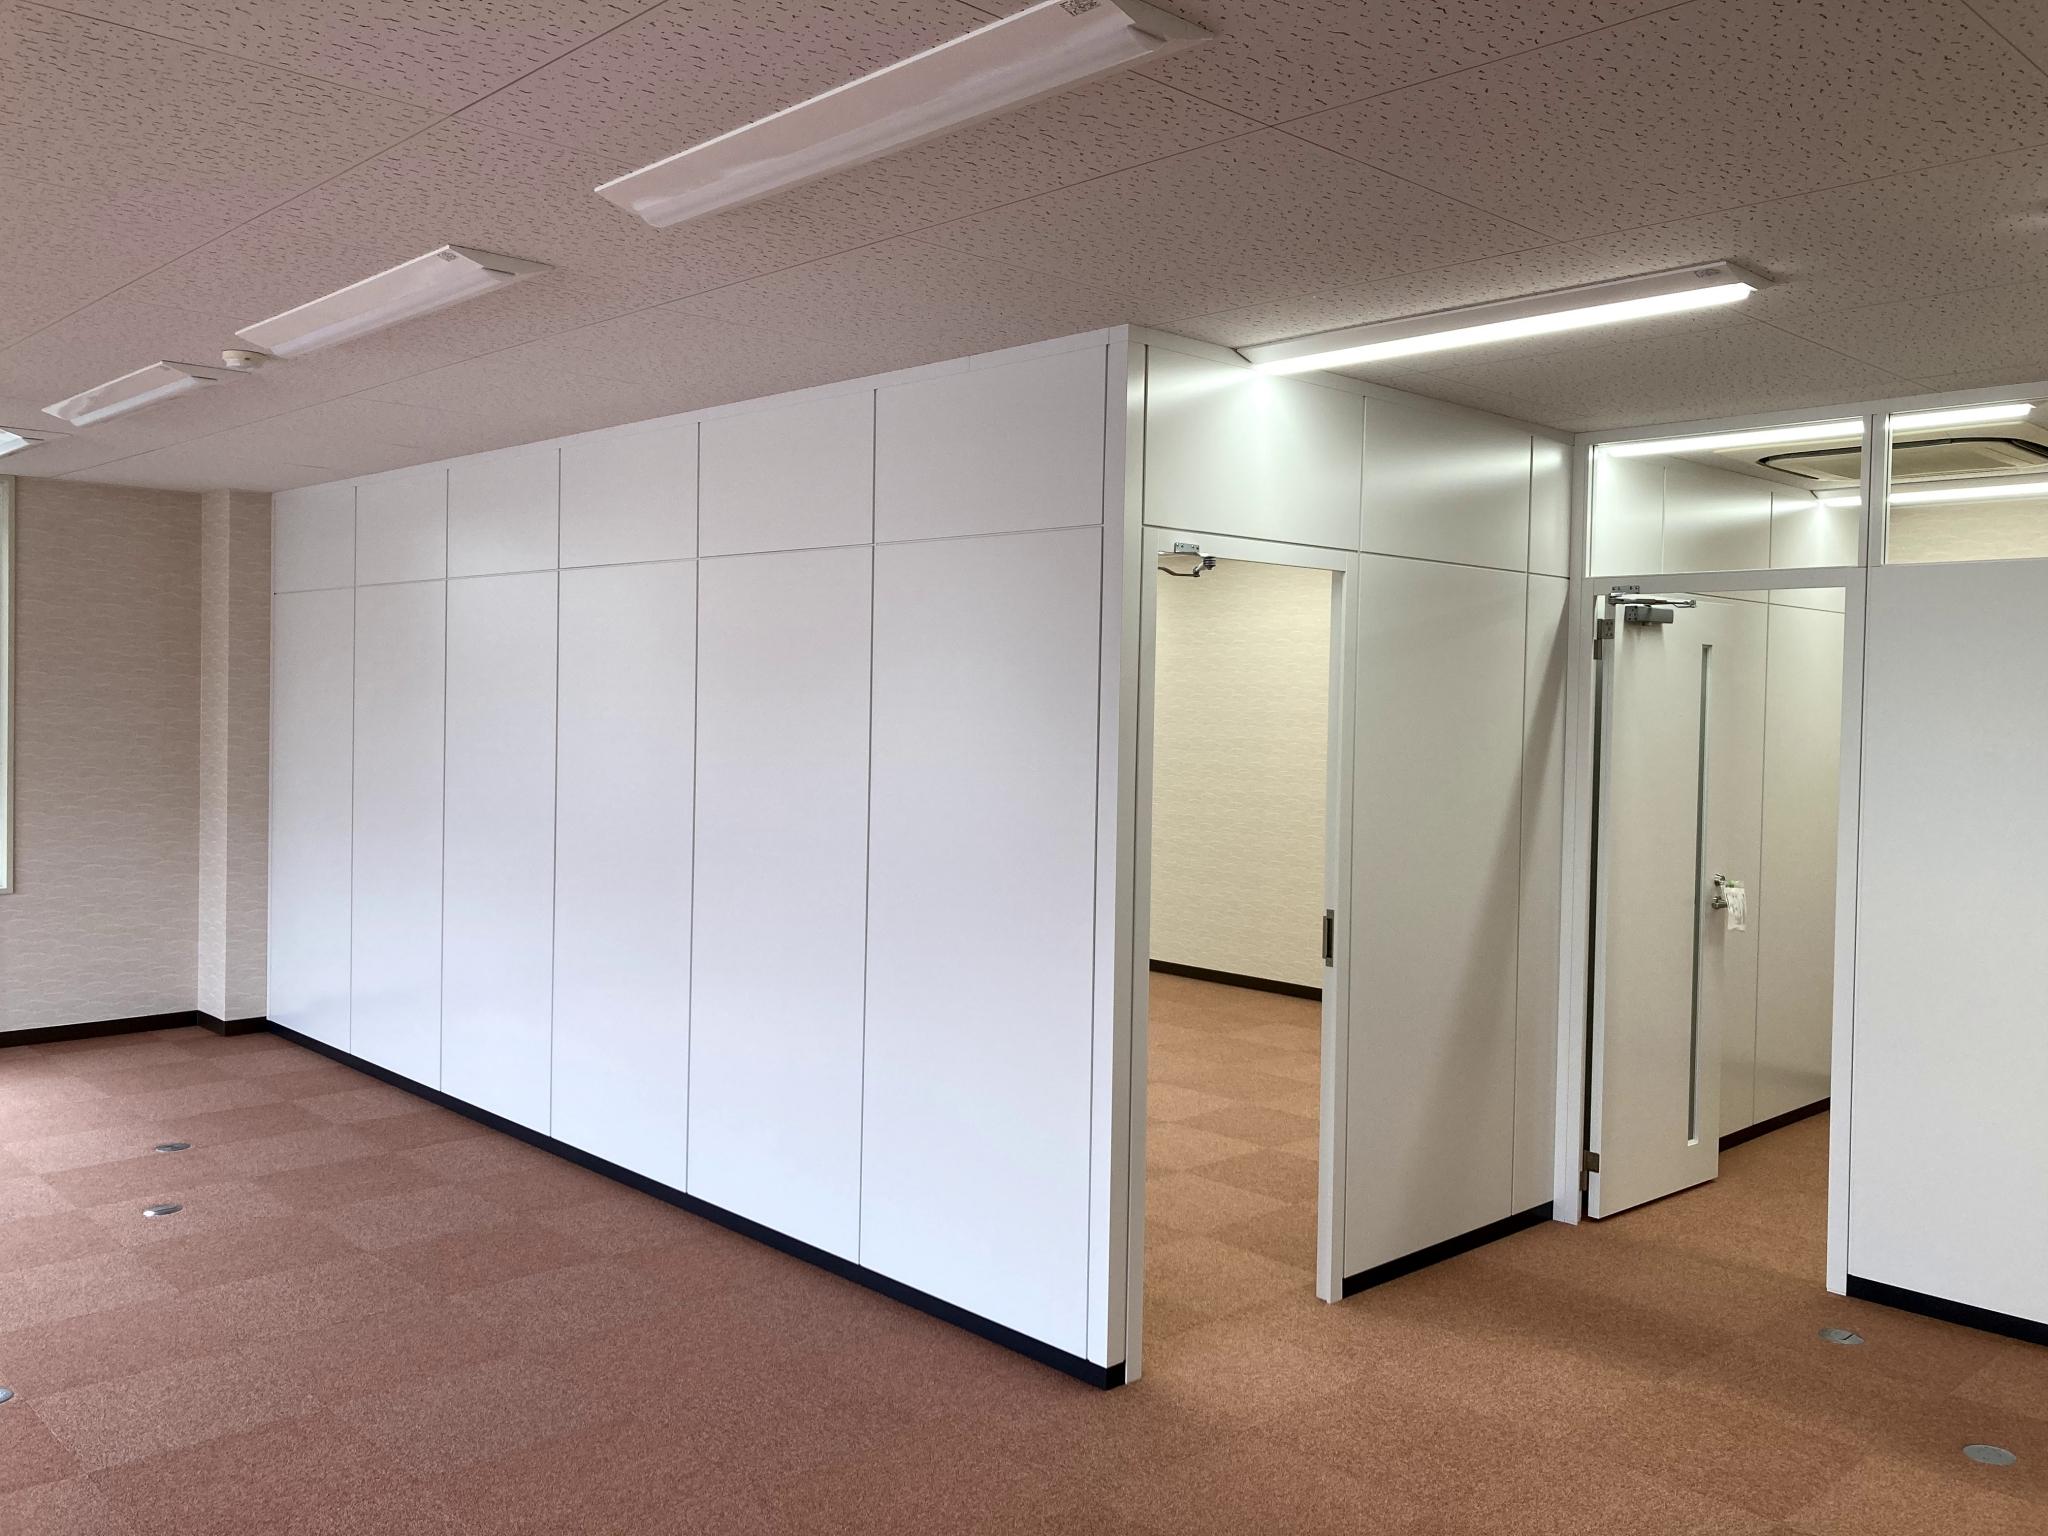 パーティション(間仕切り)で会議室と休憩室を新設!